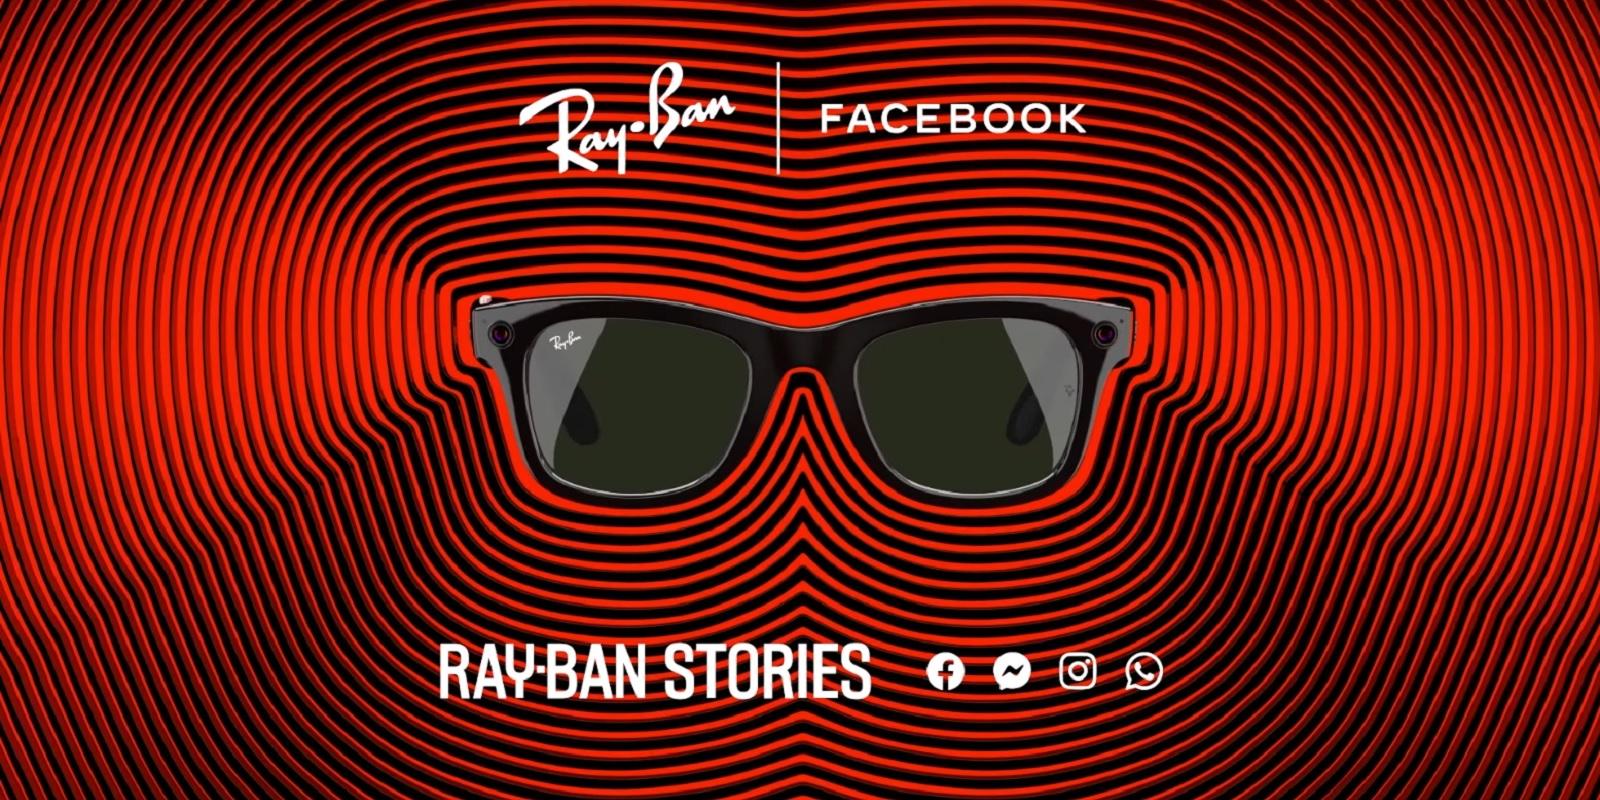 Ray-Ban Stories to wilk w owczej skórze. Wilk o imieniu Facebook